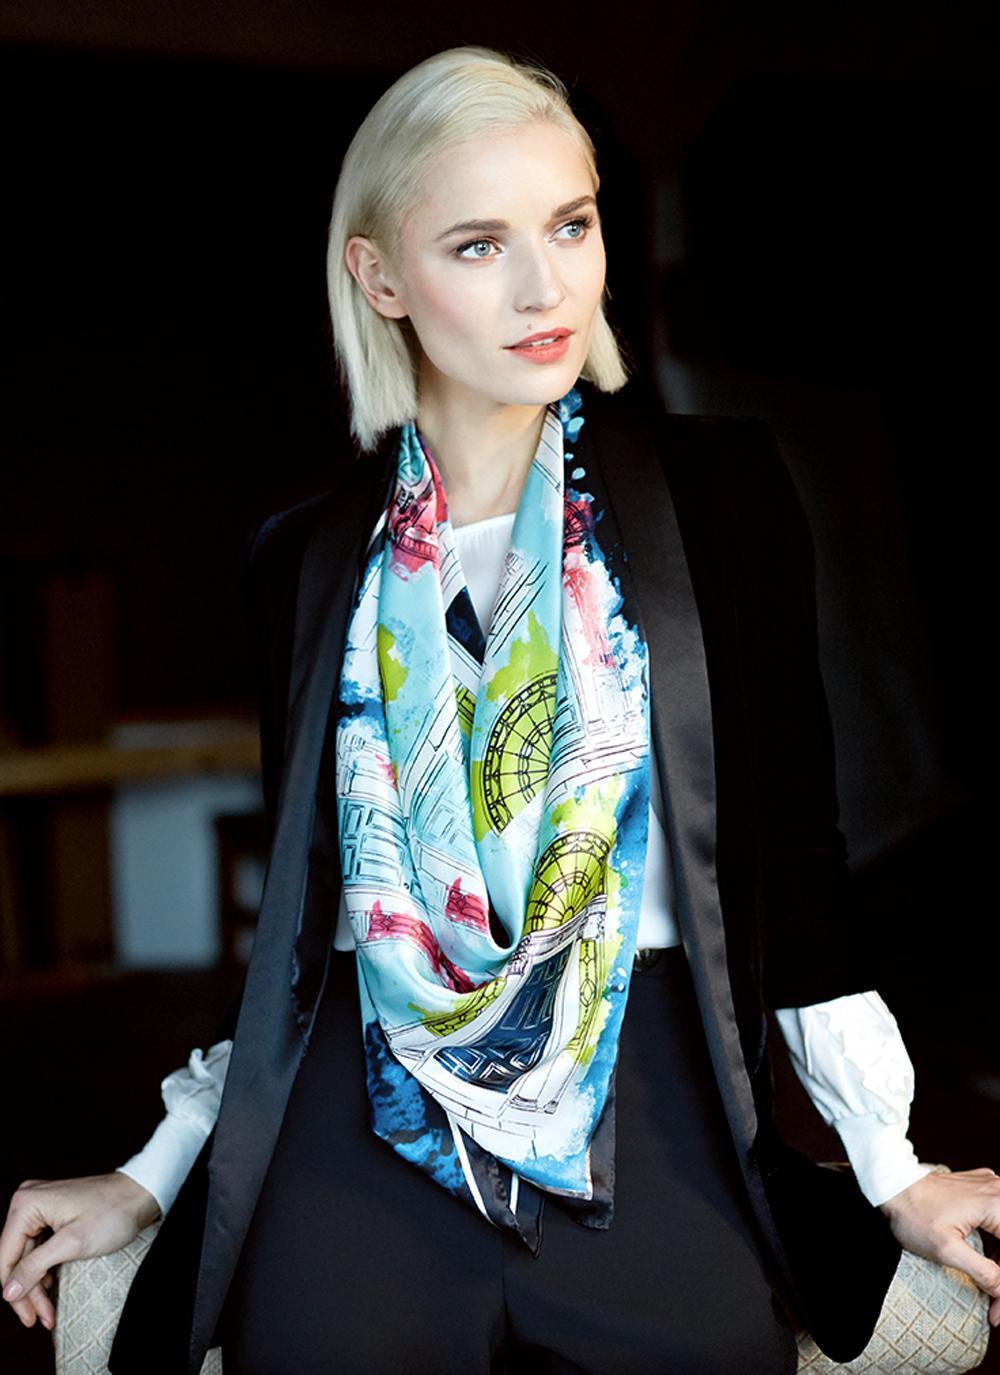 Headscarf Glass Marble Elegant Neck Scarves for Women Girls